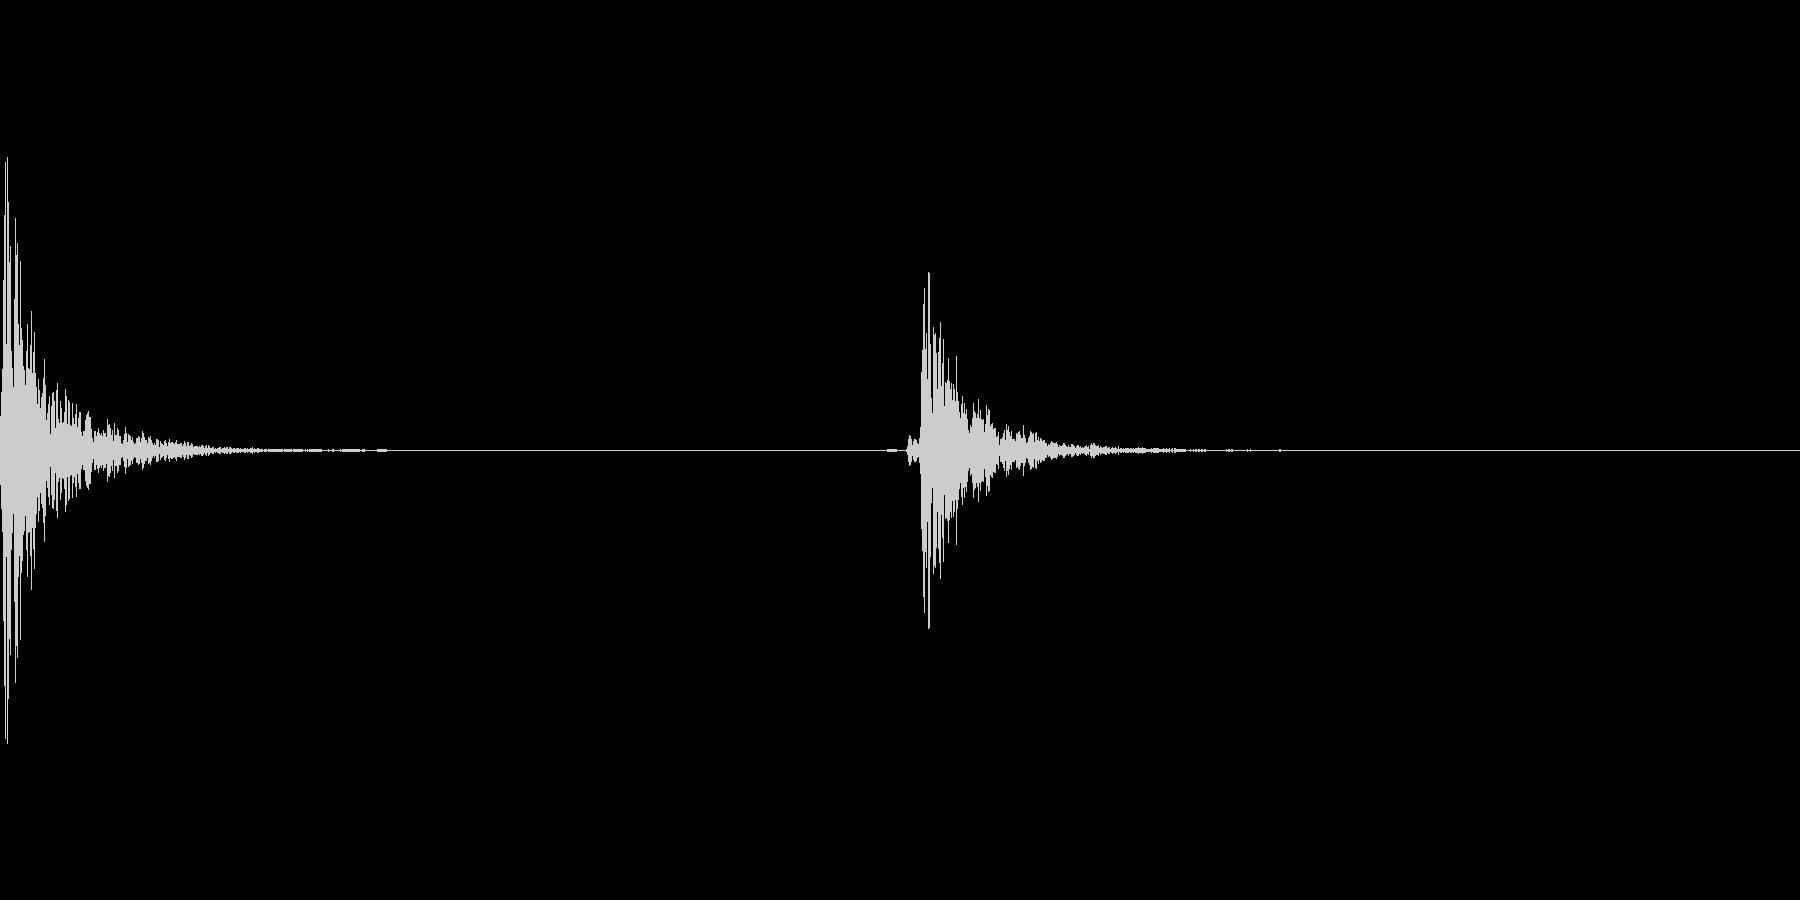 時計、タイマー、ストップウォッチ_A_1の未再生の波形